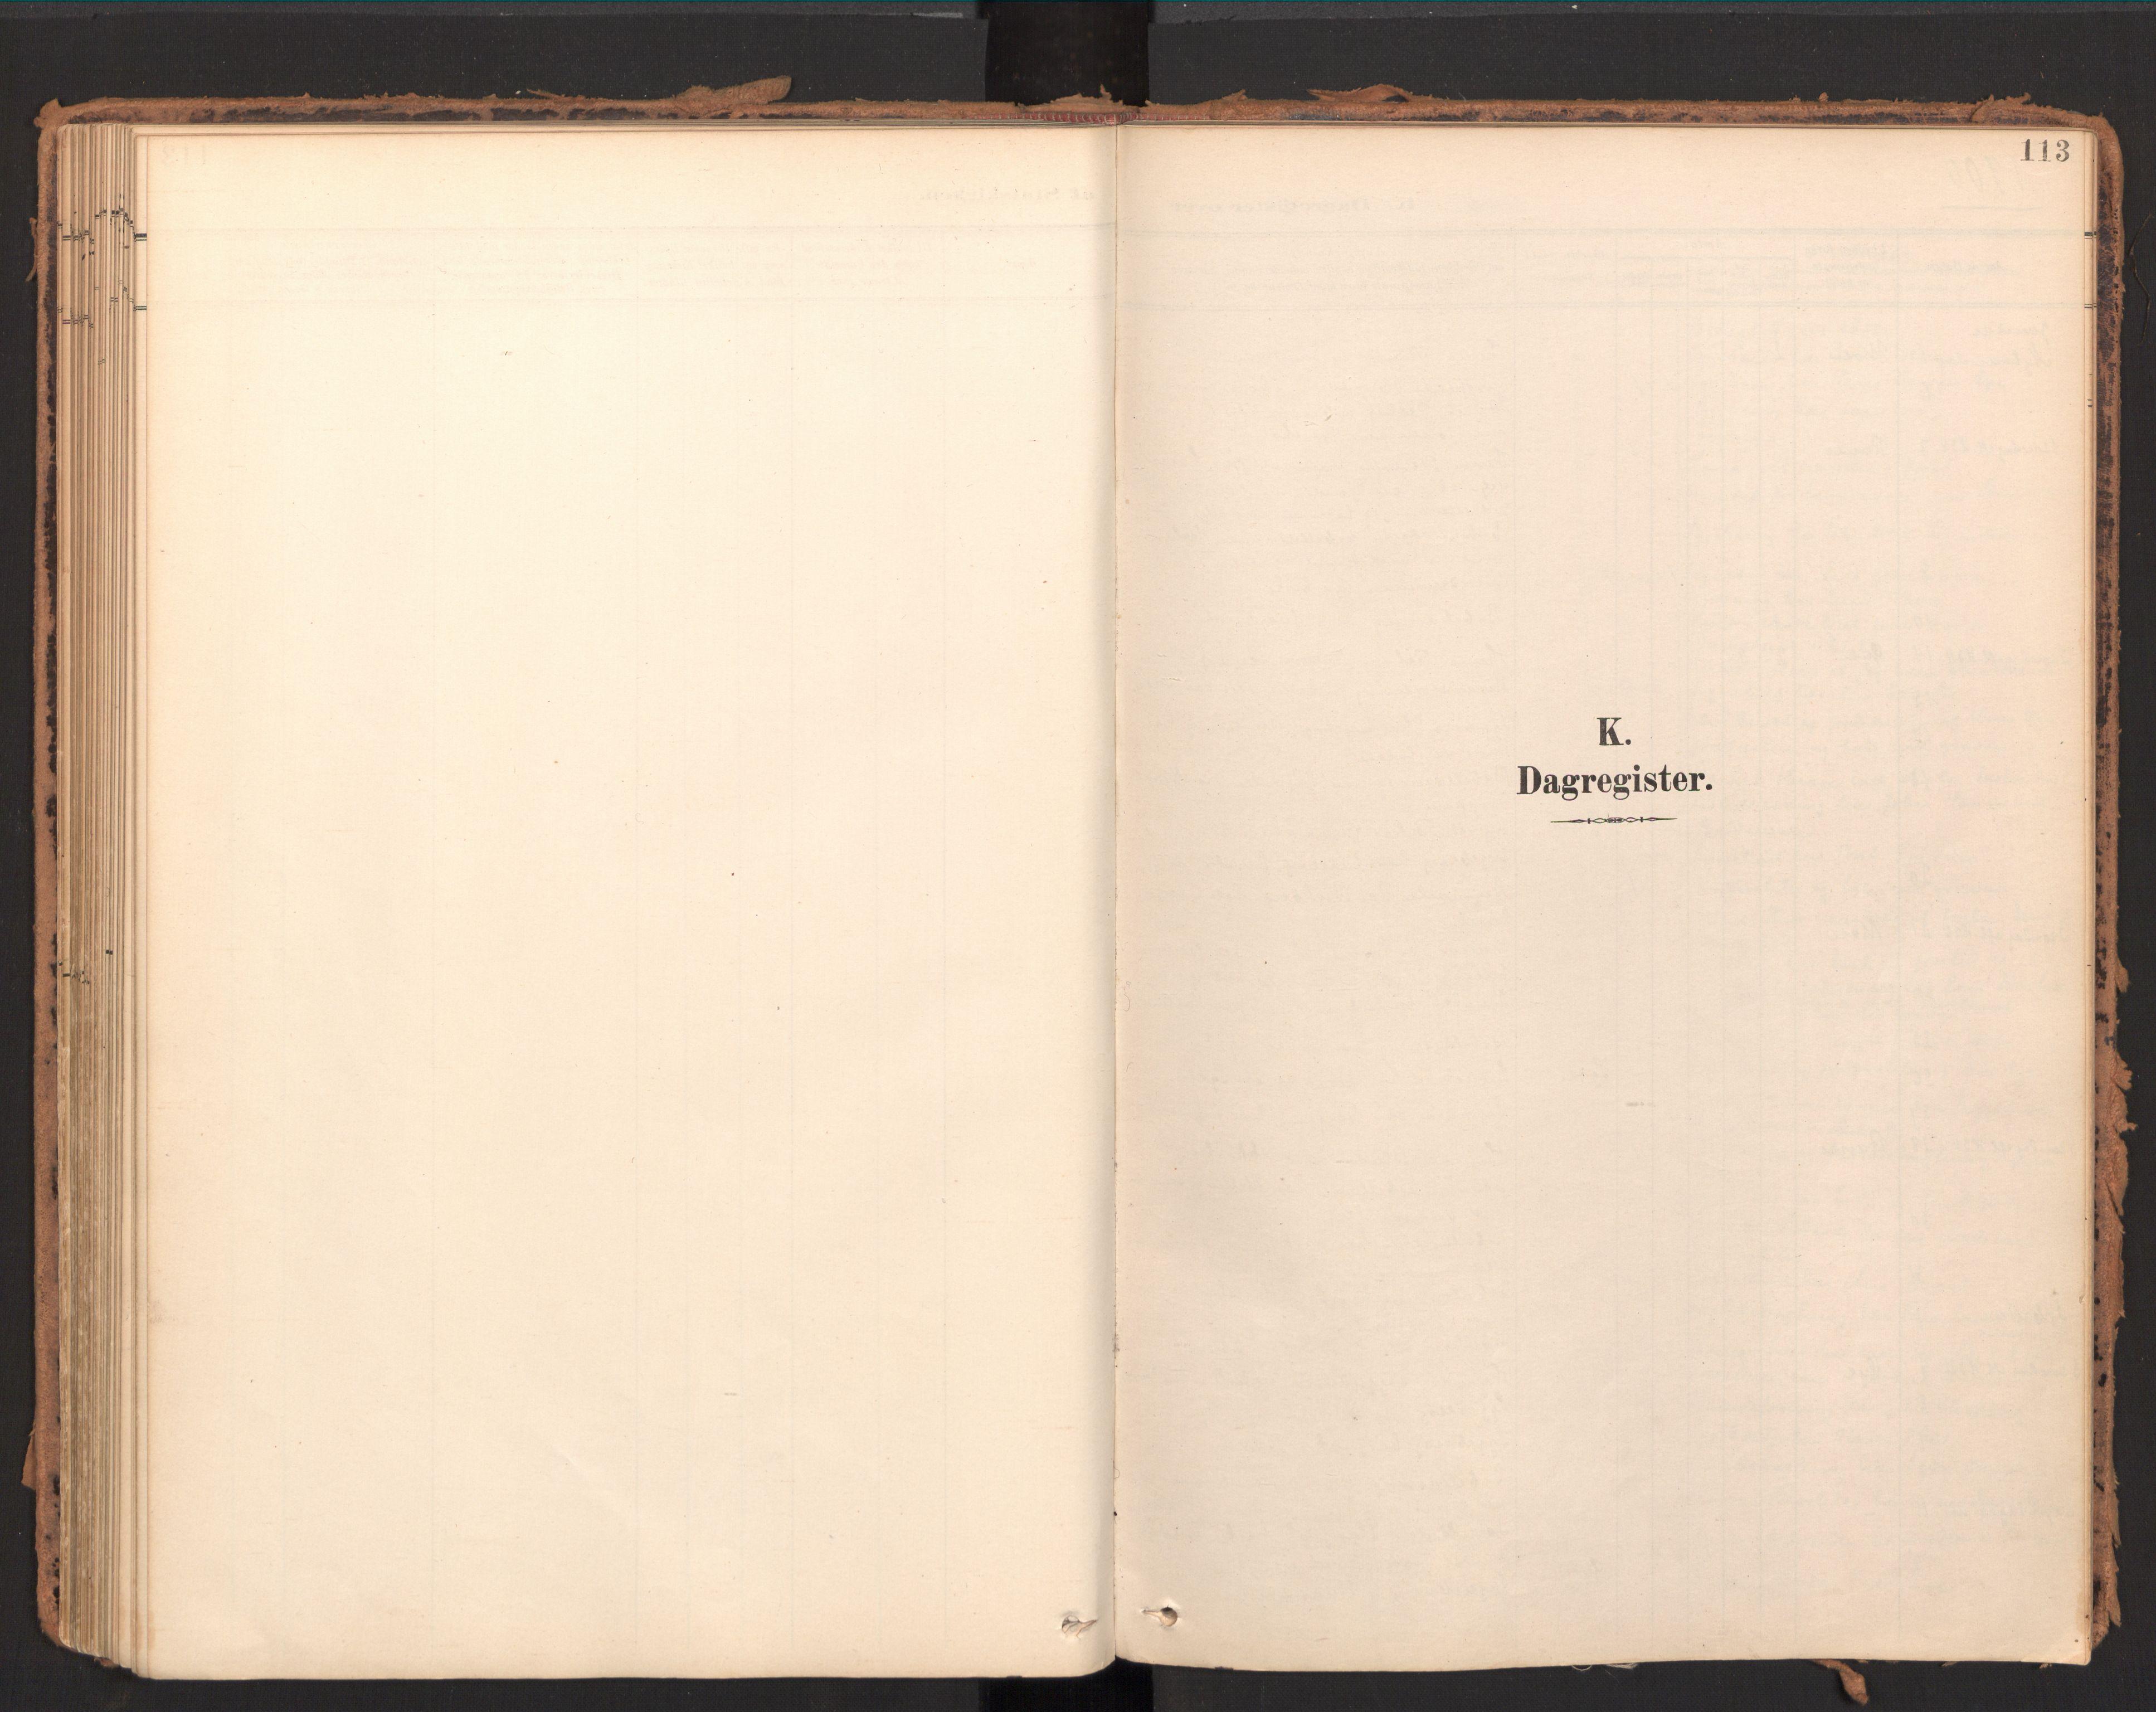 SAT, Ministerialprotokoller, klokkerbøker og fødselsregistre - Møre og Romsdal, 595/L1048: Ministerialbok nr. 595A10, 1900-1917, s. 113